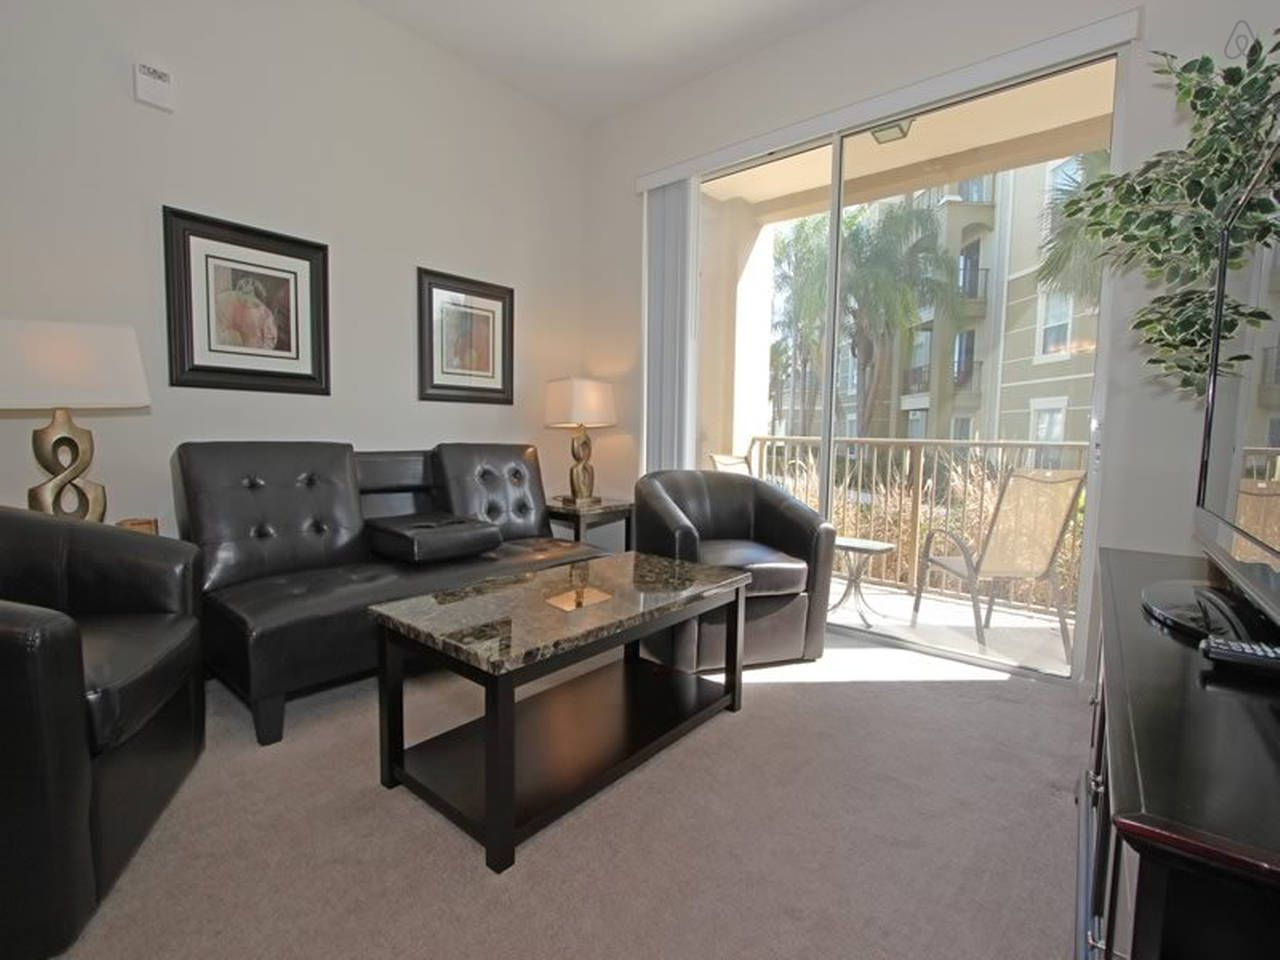 Vista Cay 2bd 2ba Ventura Condo 207 In Orlando Florida Vacation Rentals Condos In Florida Vacation Rentals Orlando